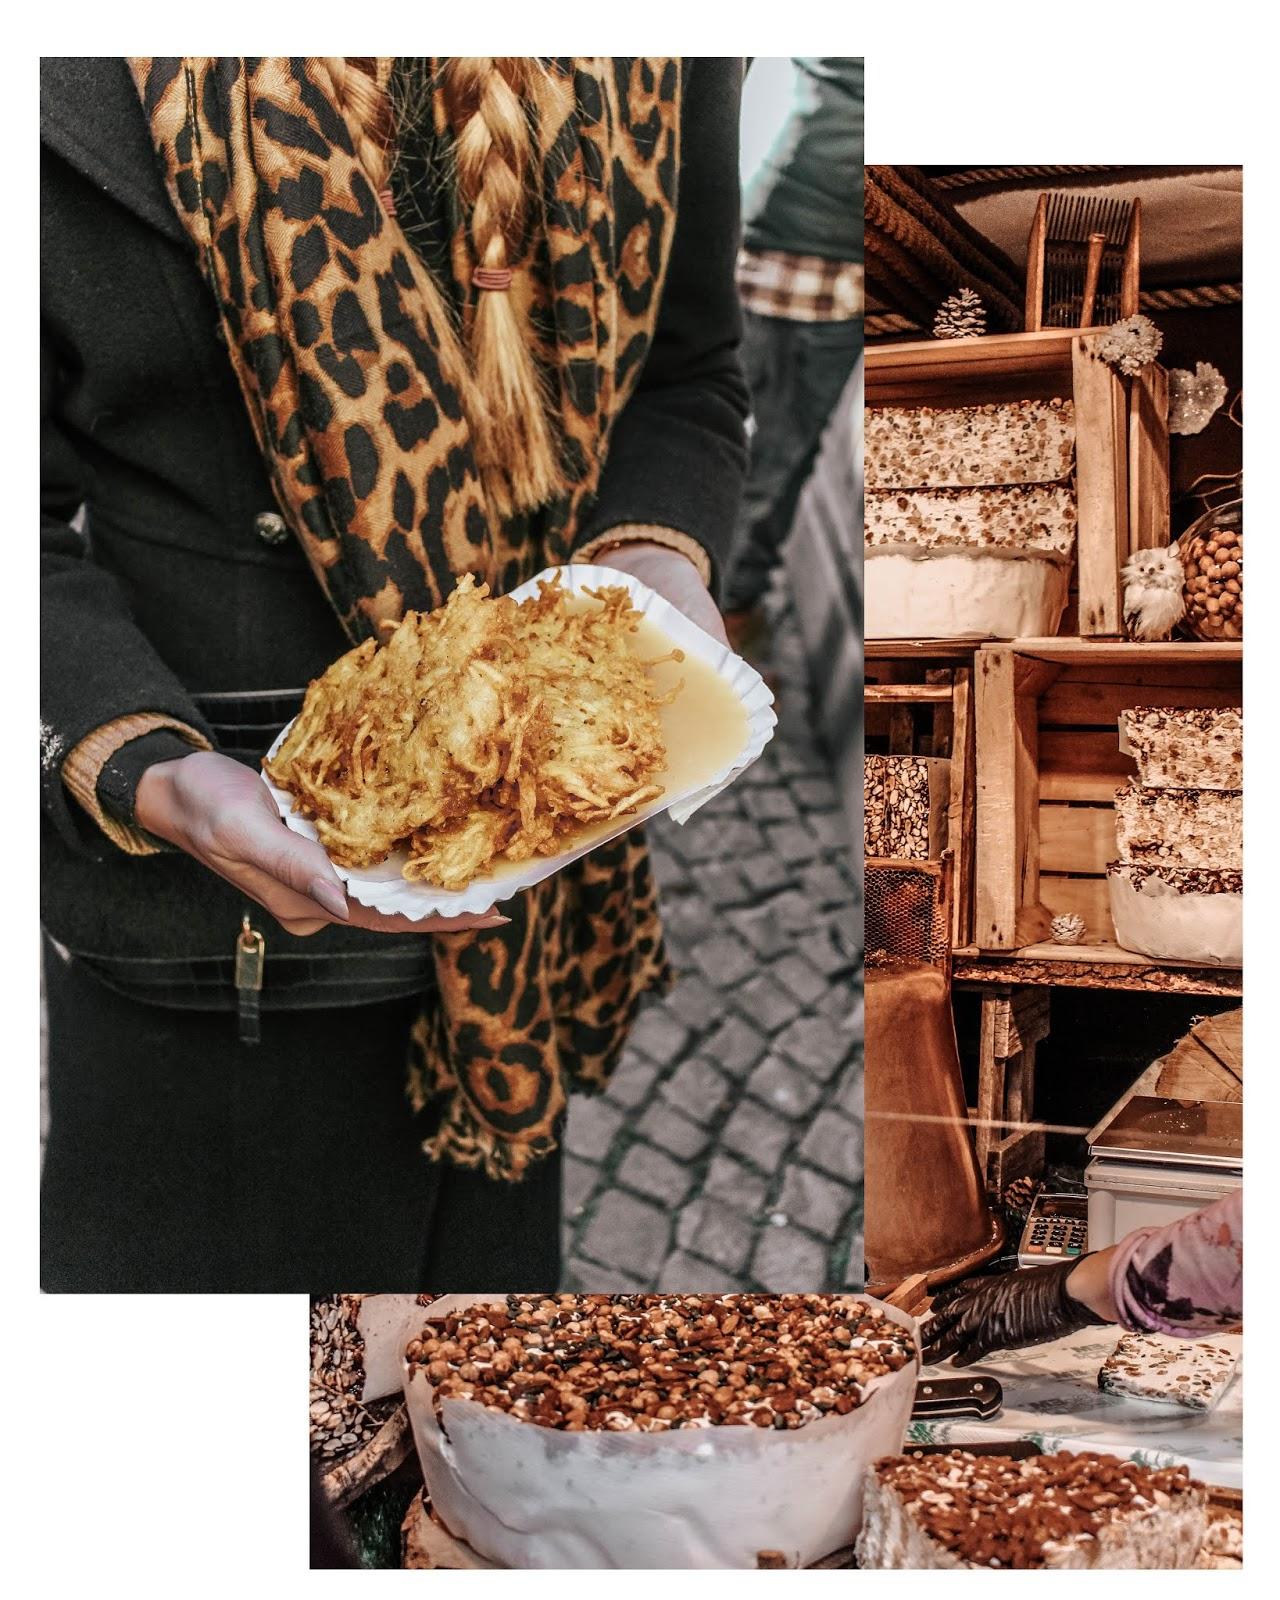 German Christmas Market Potato and Apple Sauce